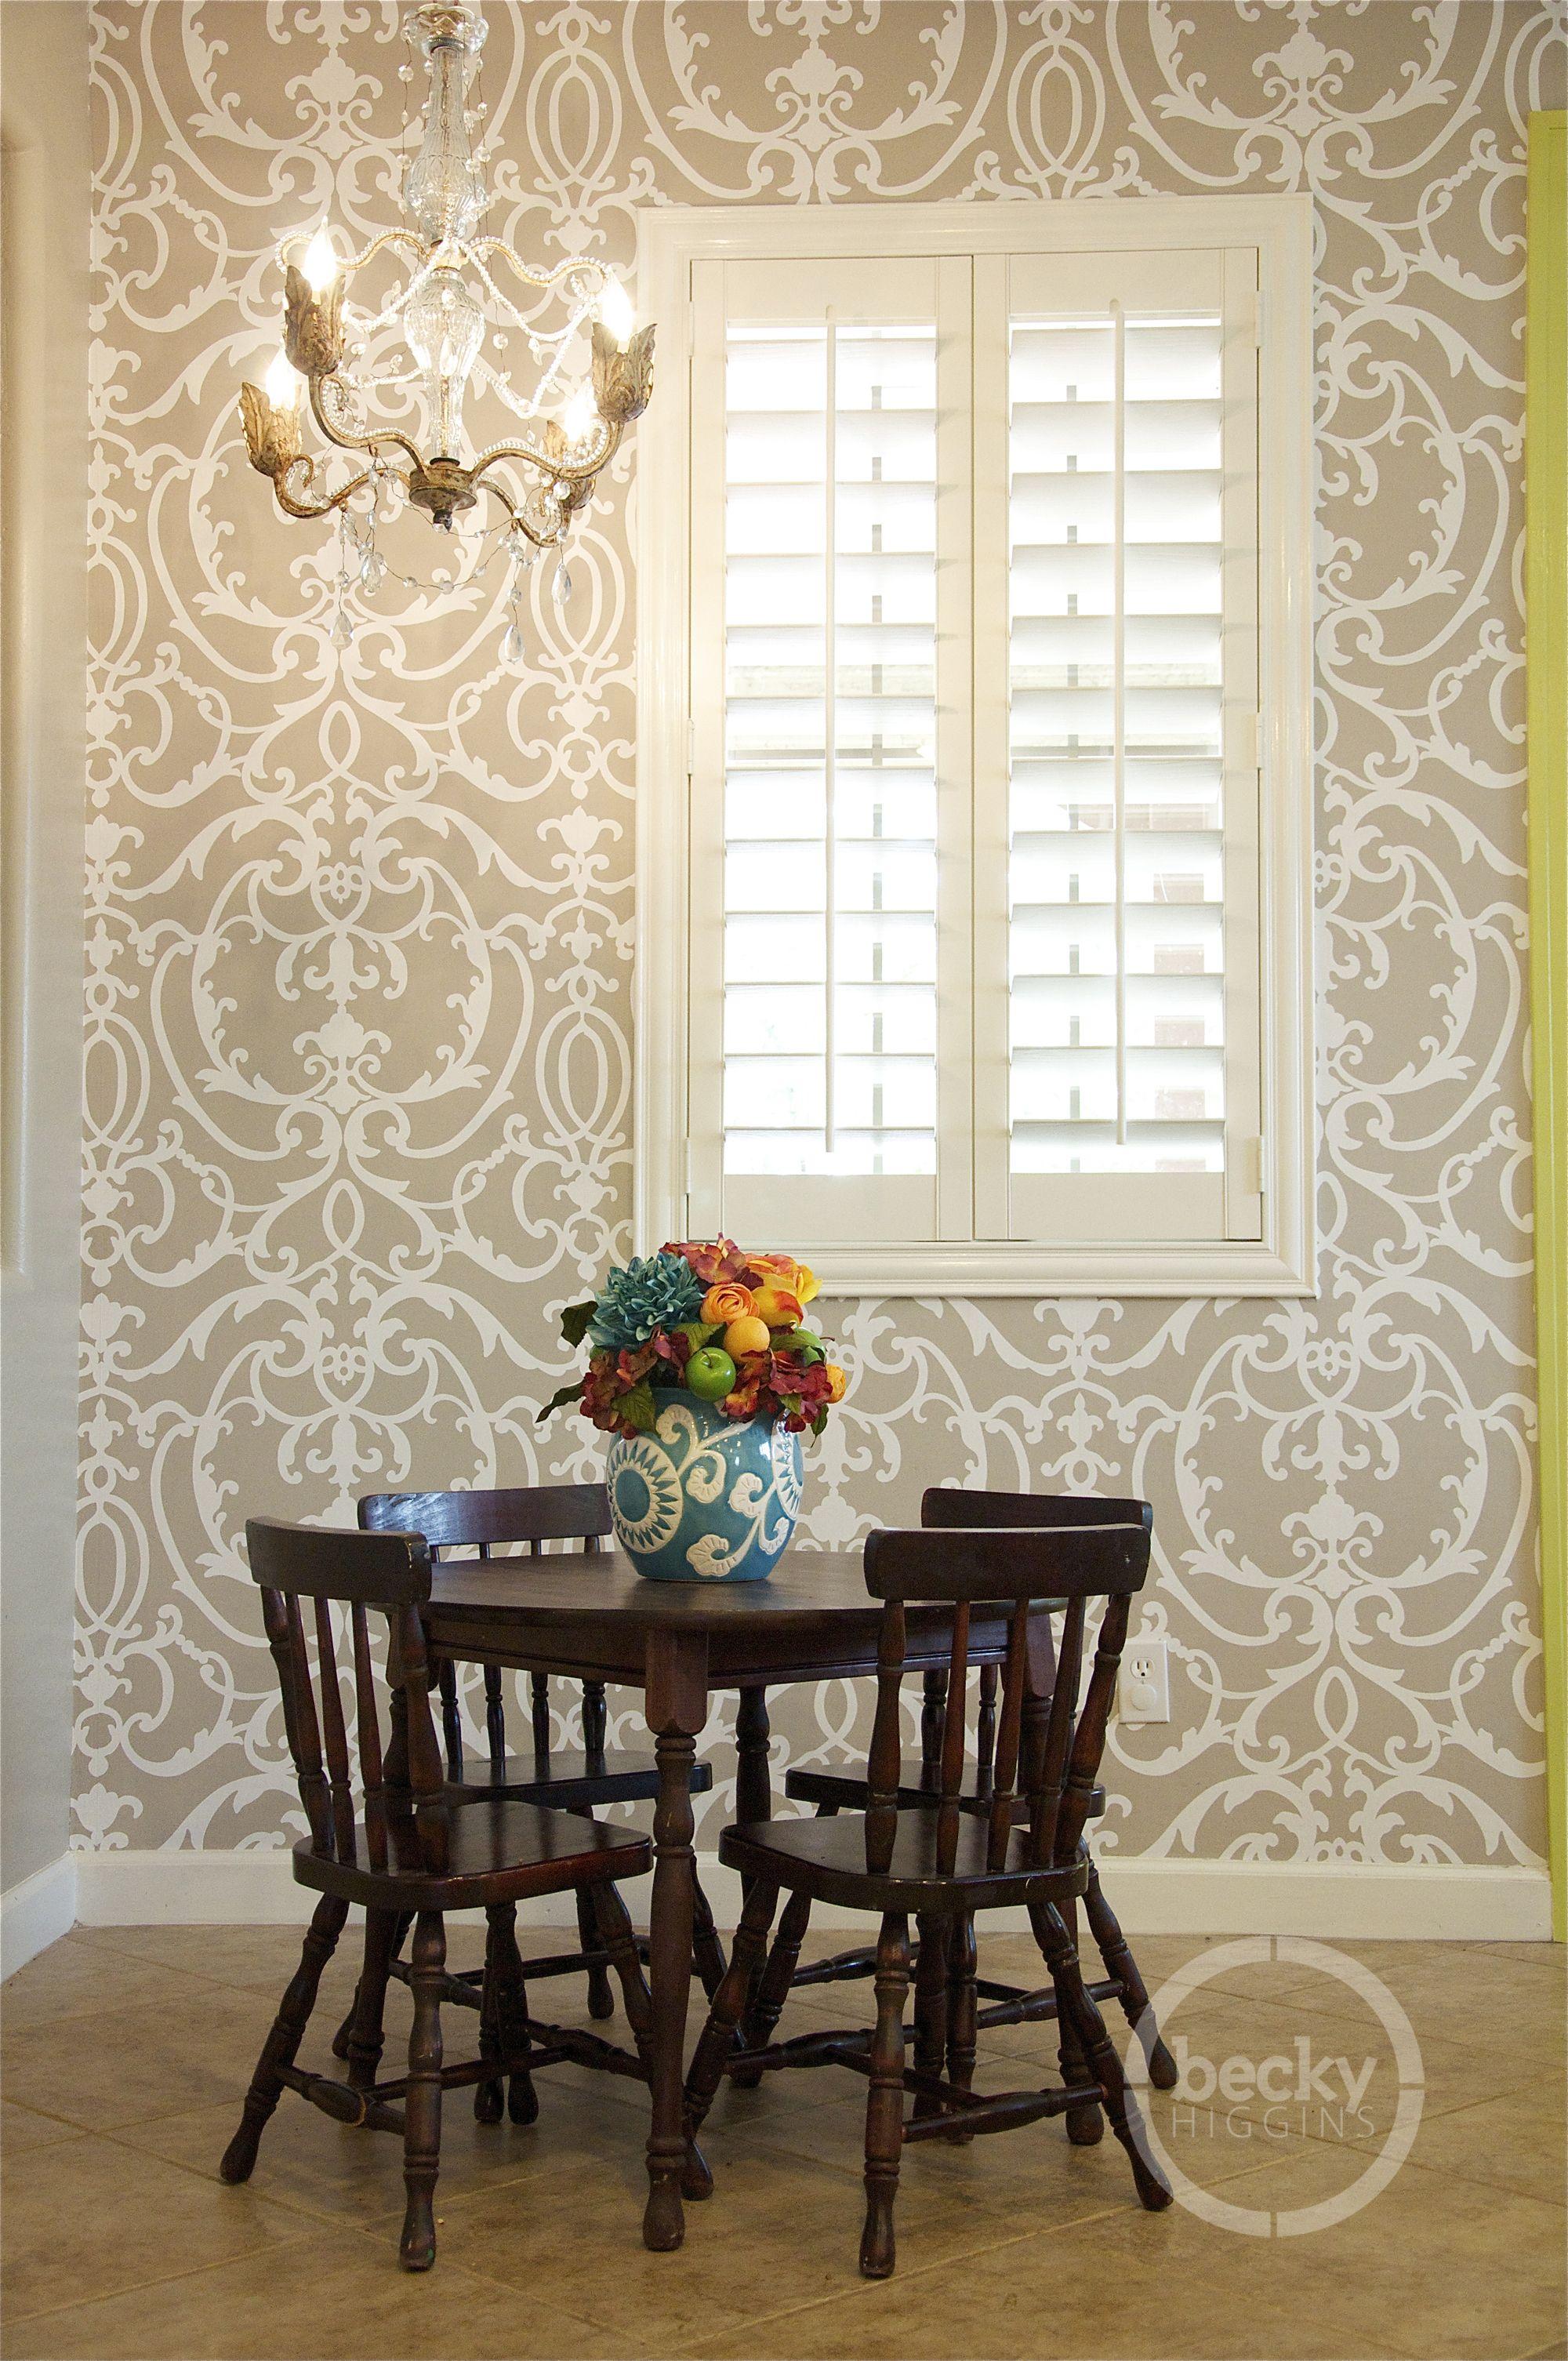 wallpaper bedroom ceiling? | Dining room design, Dining ...